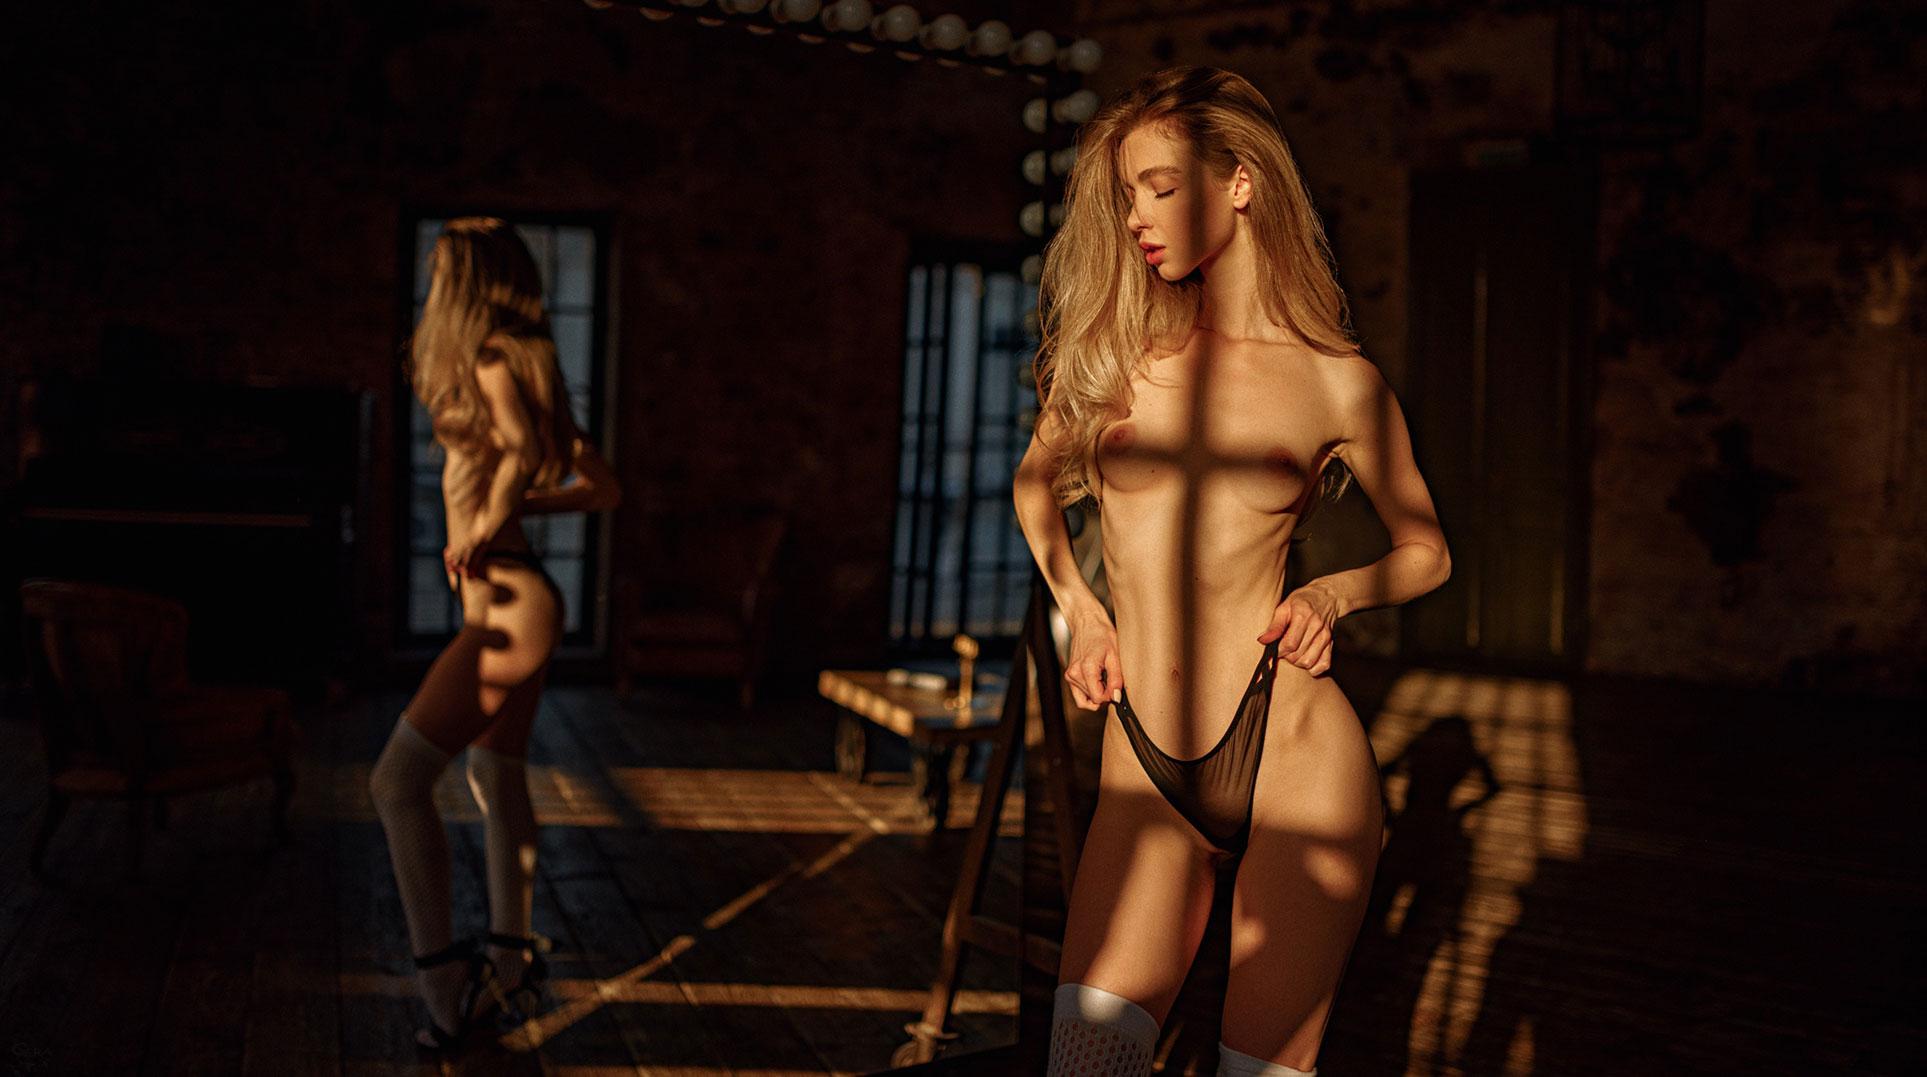 голая Анна Царалунга в уютной домашней обстановке / фото 05